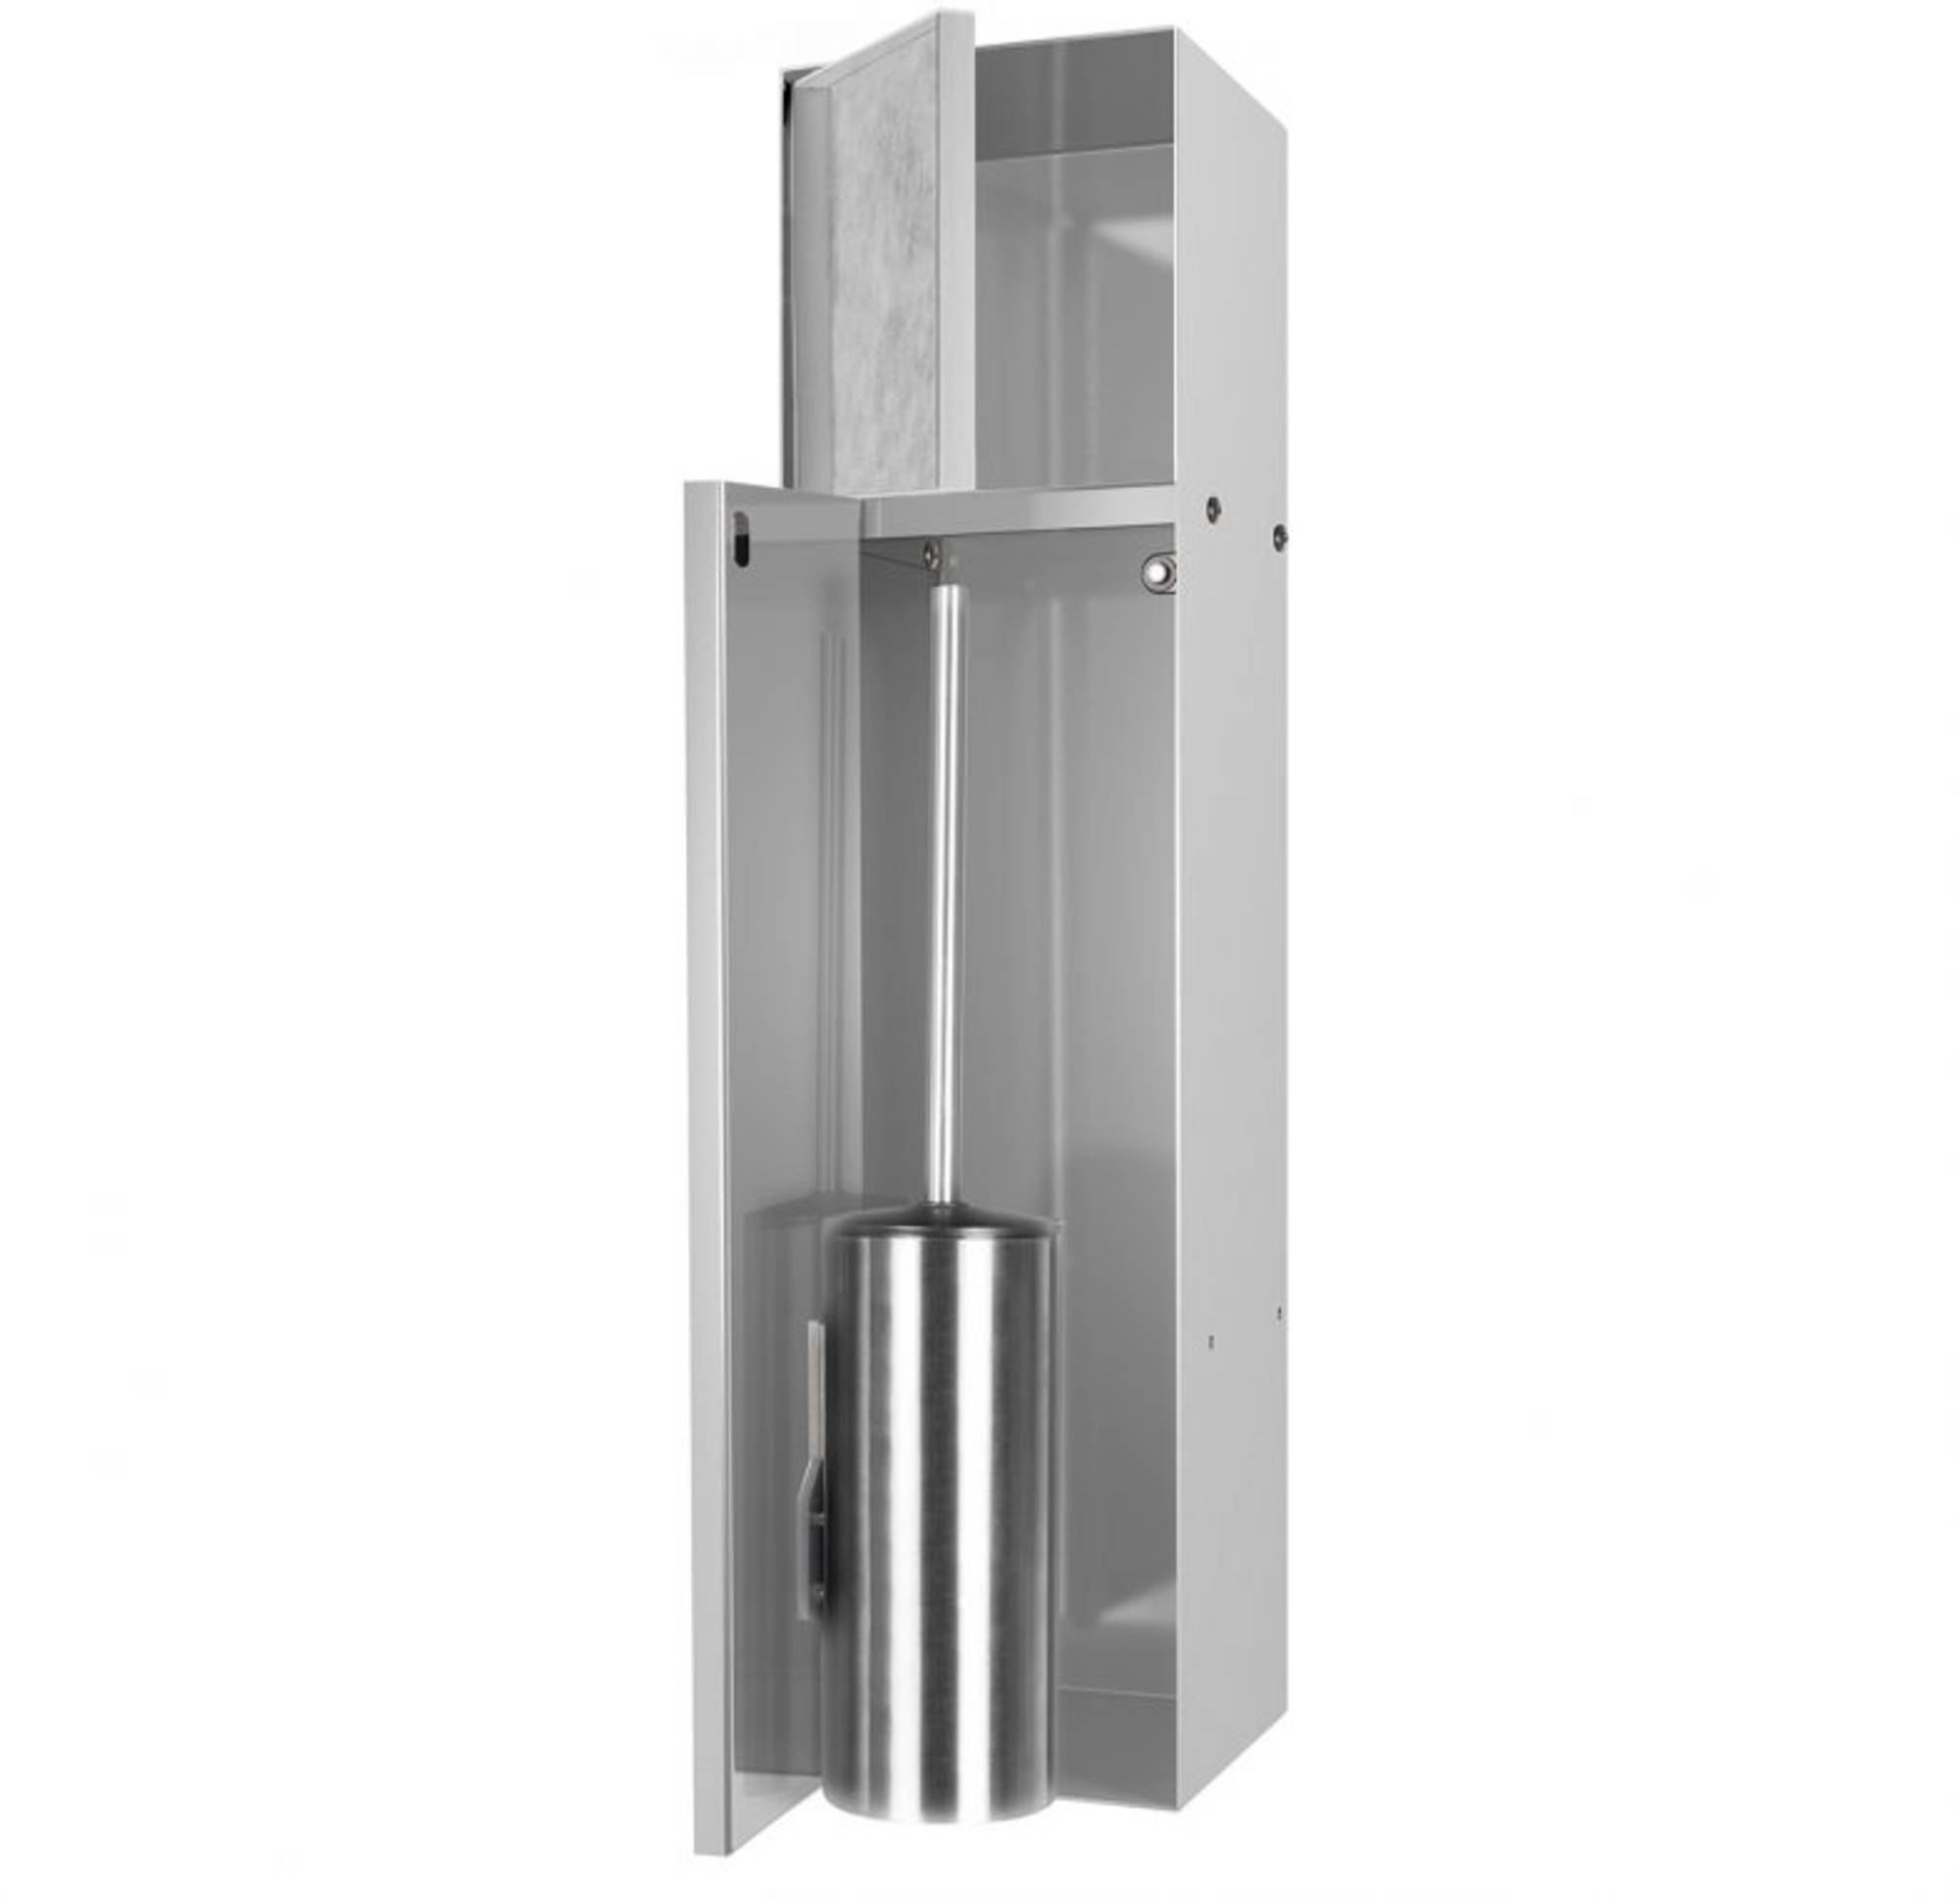 Looox CL10 Toiletborstelhouder inbouw betegelbaar inclusief opbergvak 2 deurs 14,5x14x61 cm RVS